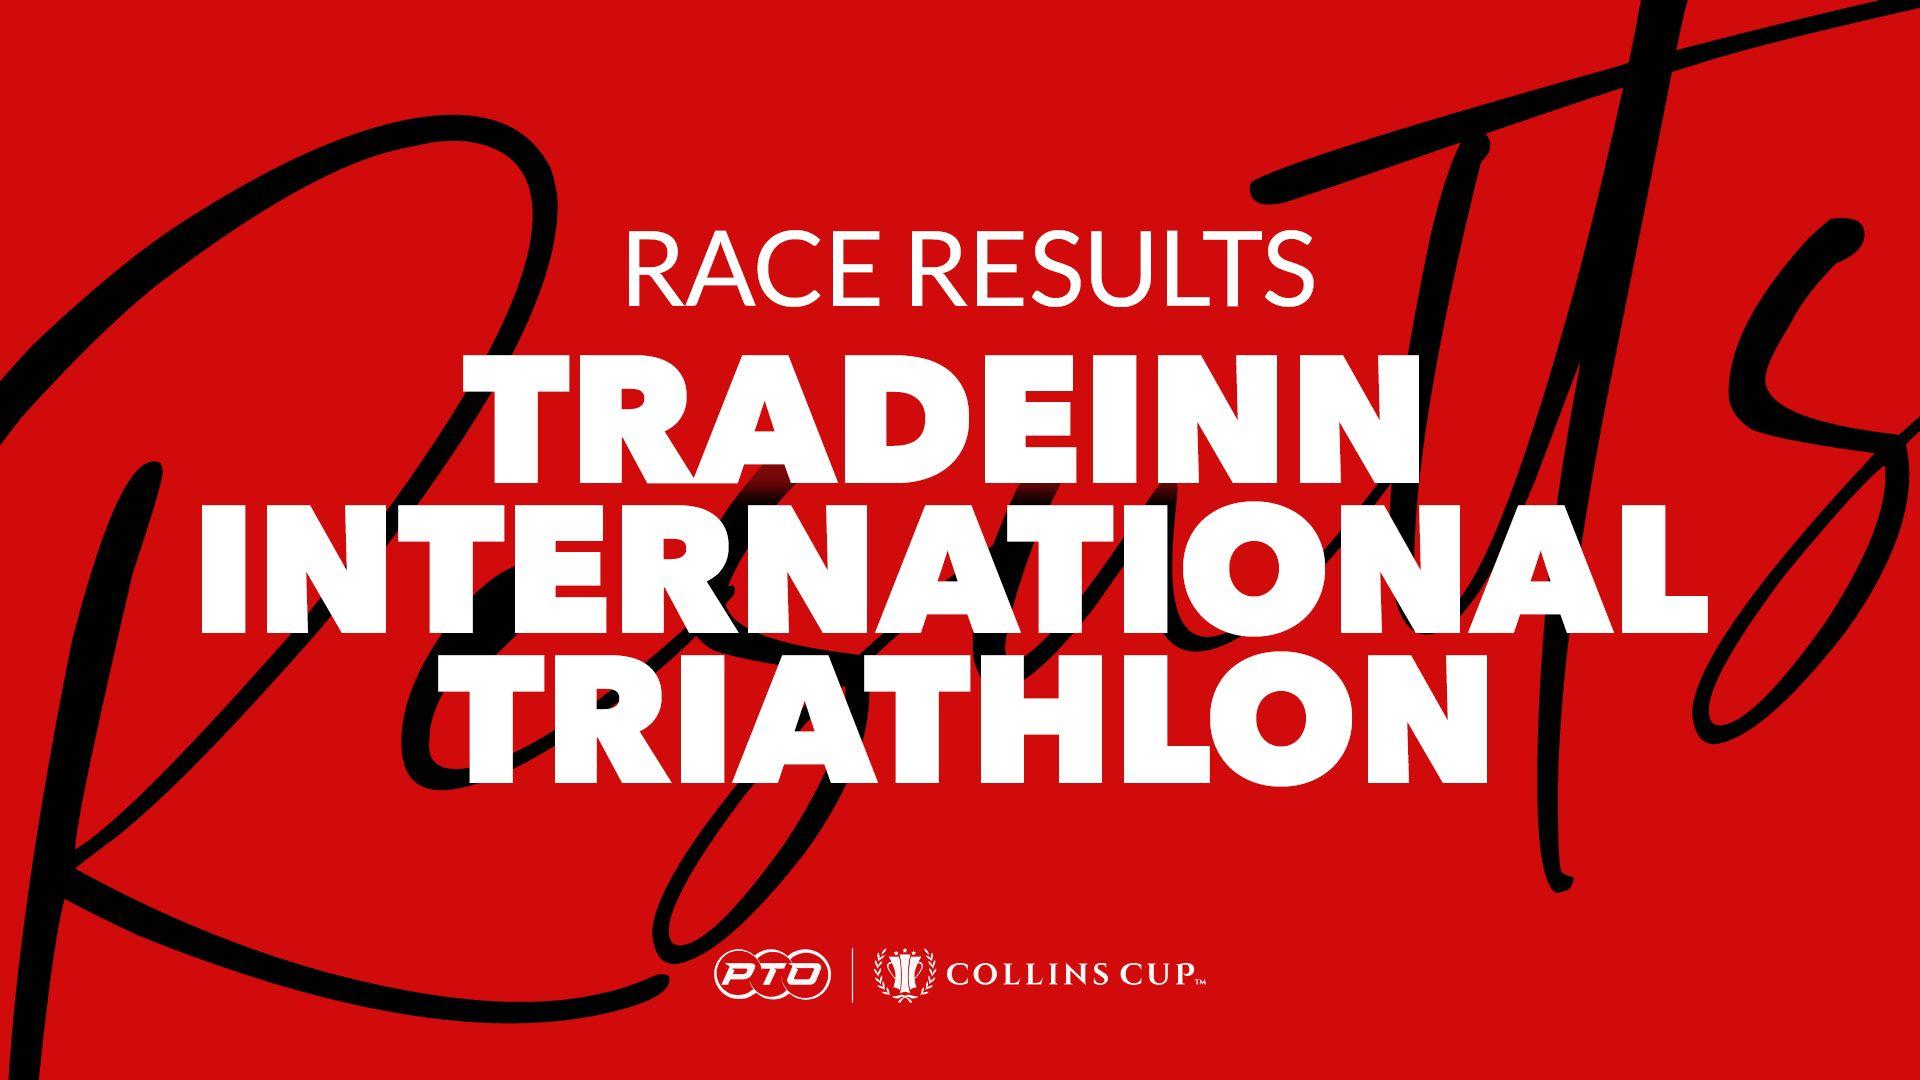 Race Results: TradeInn International Triathlon 2021